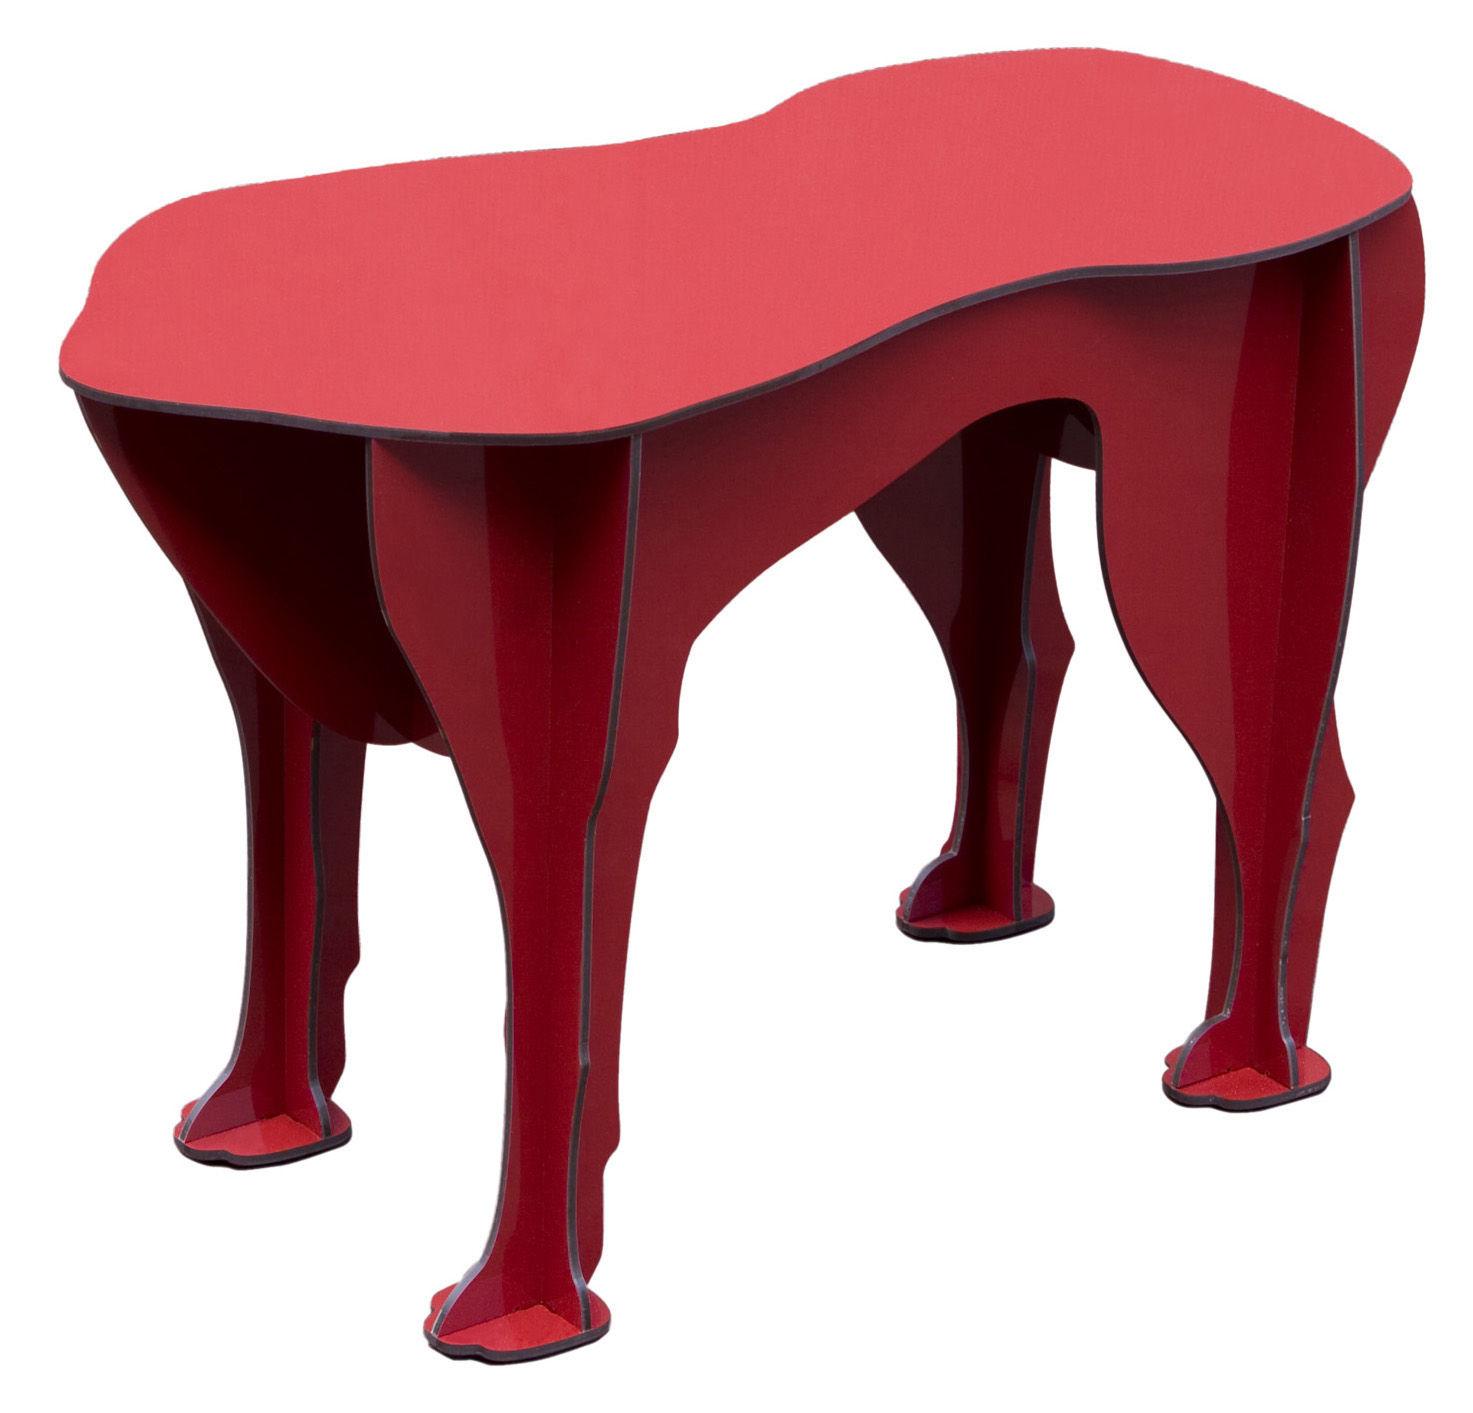 Mobilier - Tables basses - Tabouret Sultan / Table d'appoint - L 52 x H 34 cm - Ibride - Rouge brillant - Stratifié compact